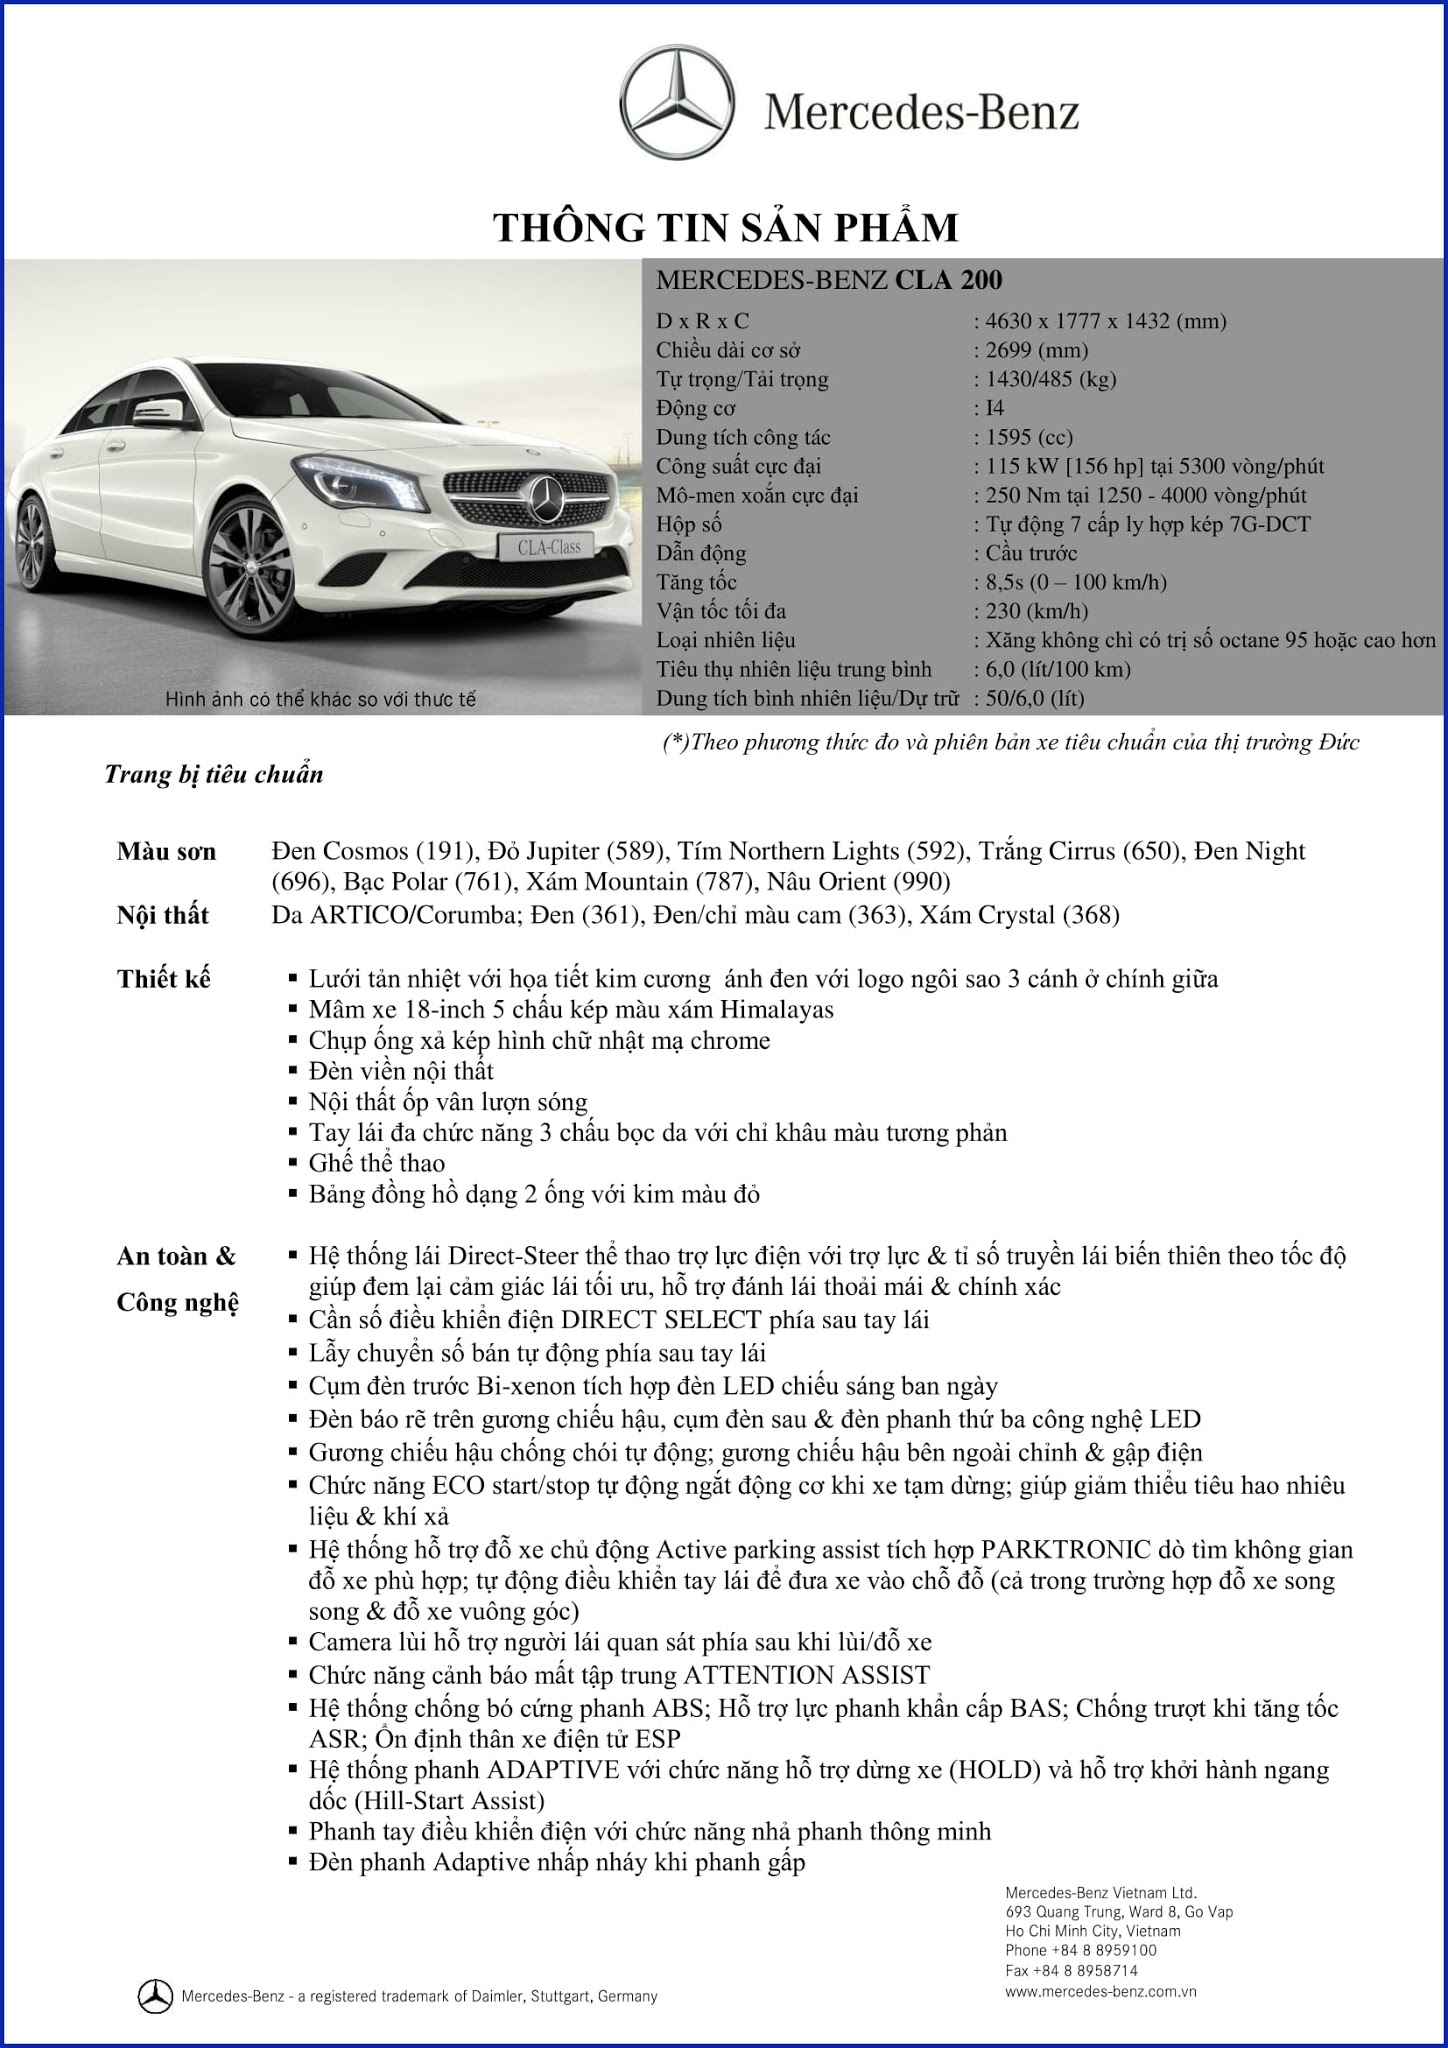 Bảng thông số kỹ thuật Mercedes CLA 200 2019 tại Mercedes Trường Chinh